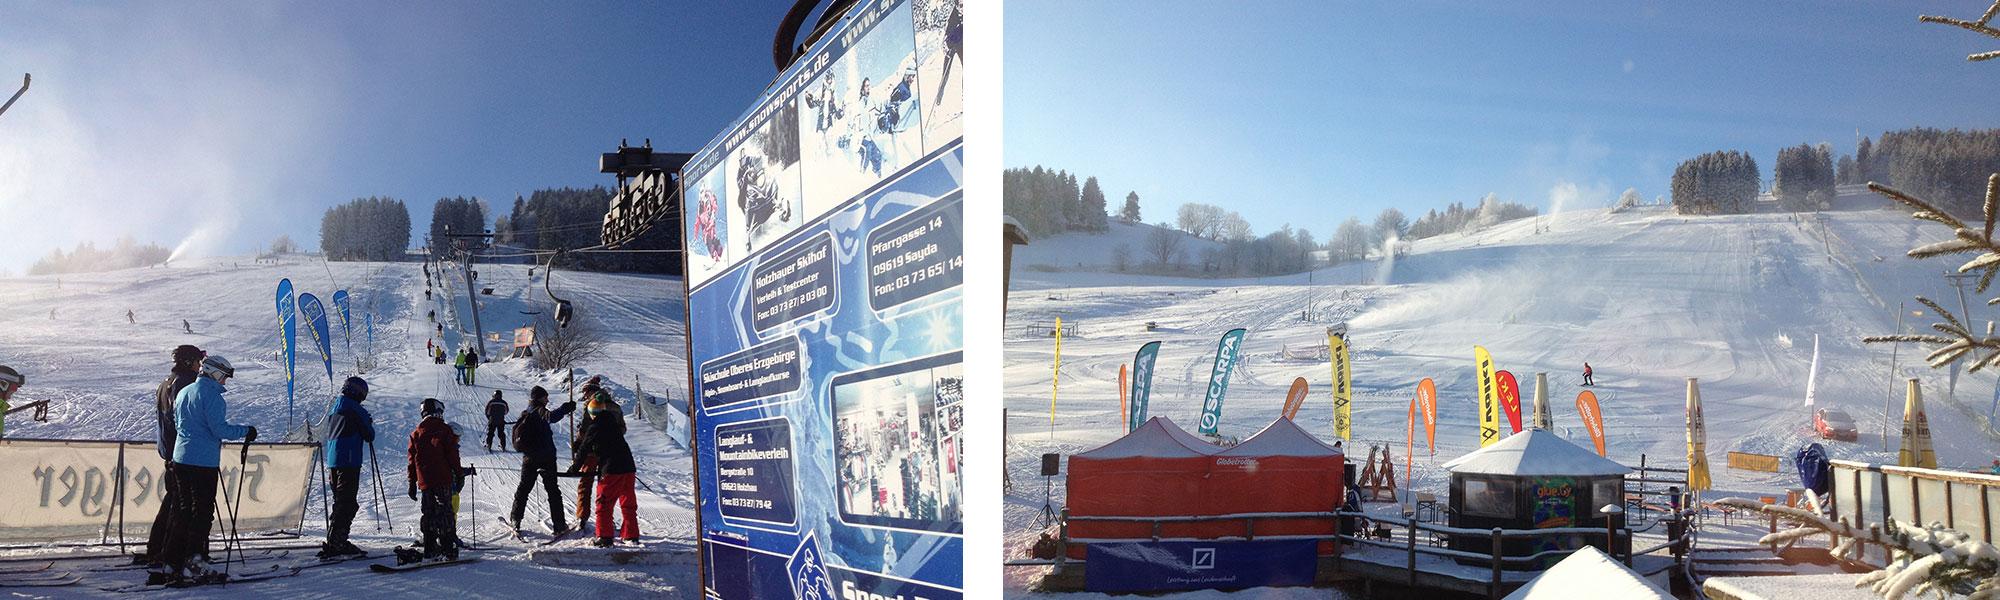 skigebiet-holzhau